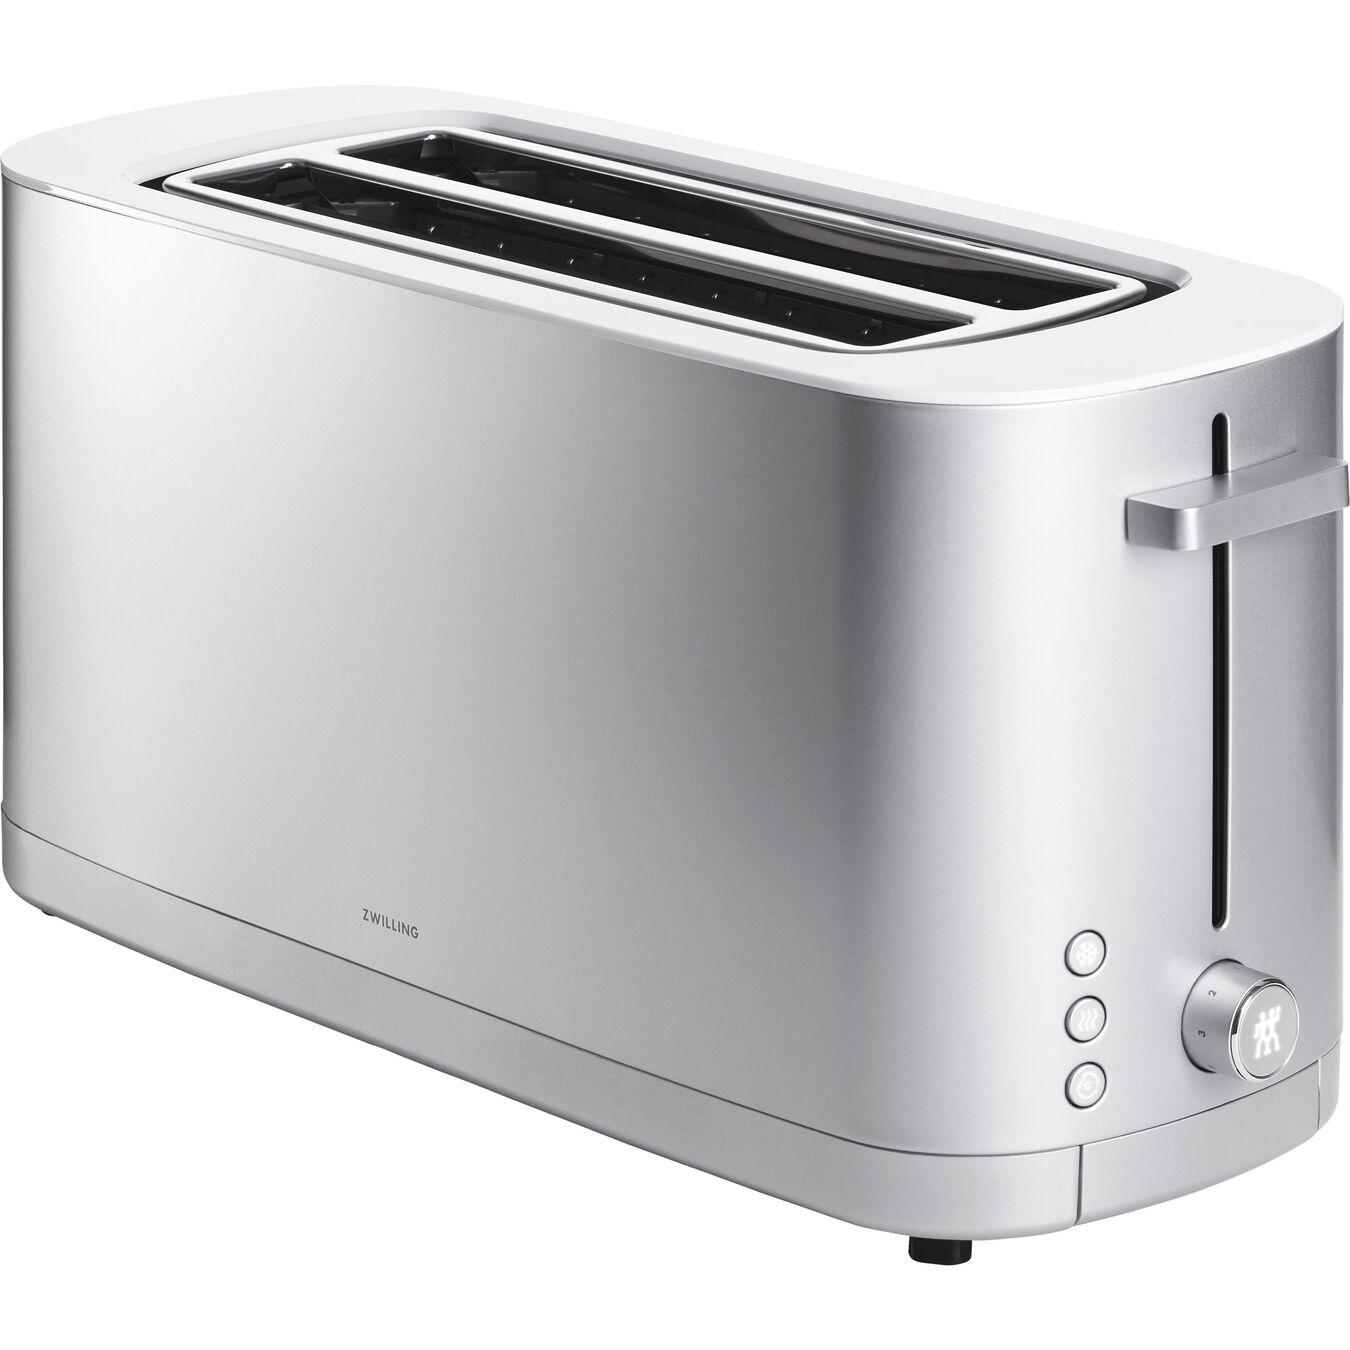 Ekmek Kızartma Makinesi çörek ısıtıcılı | 2 yuva 4 dilim,,large 1